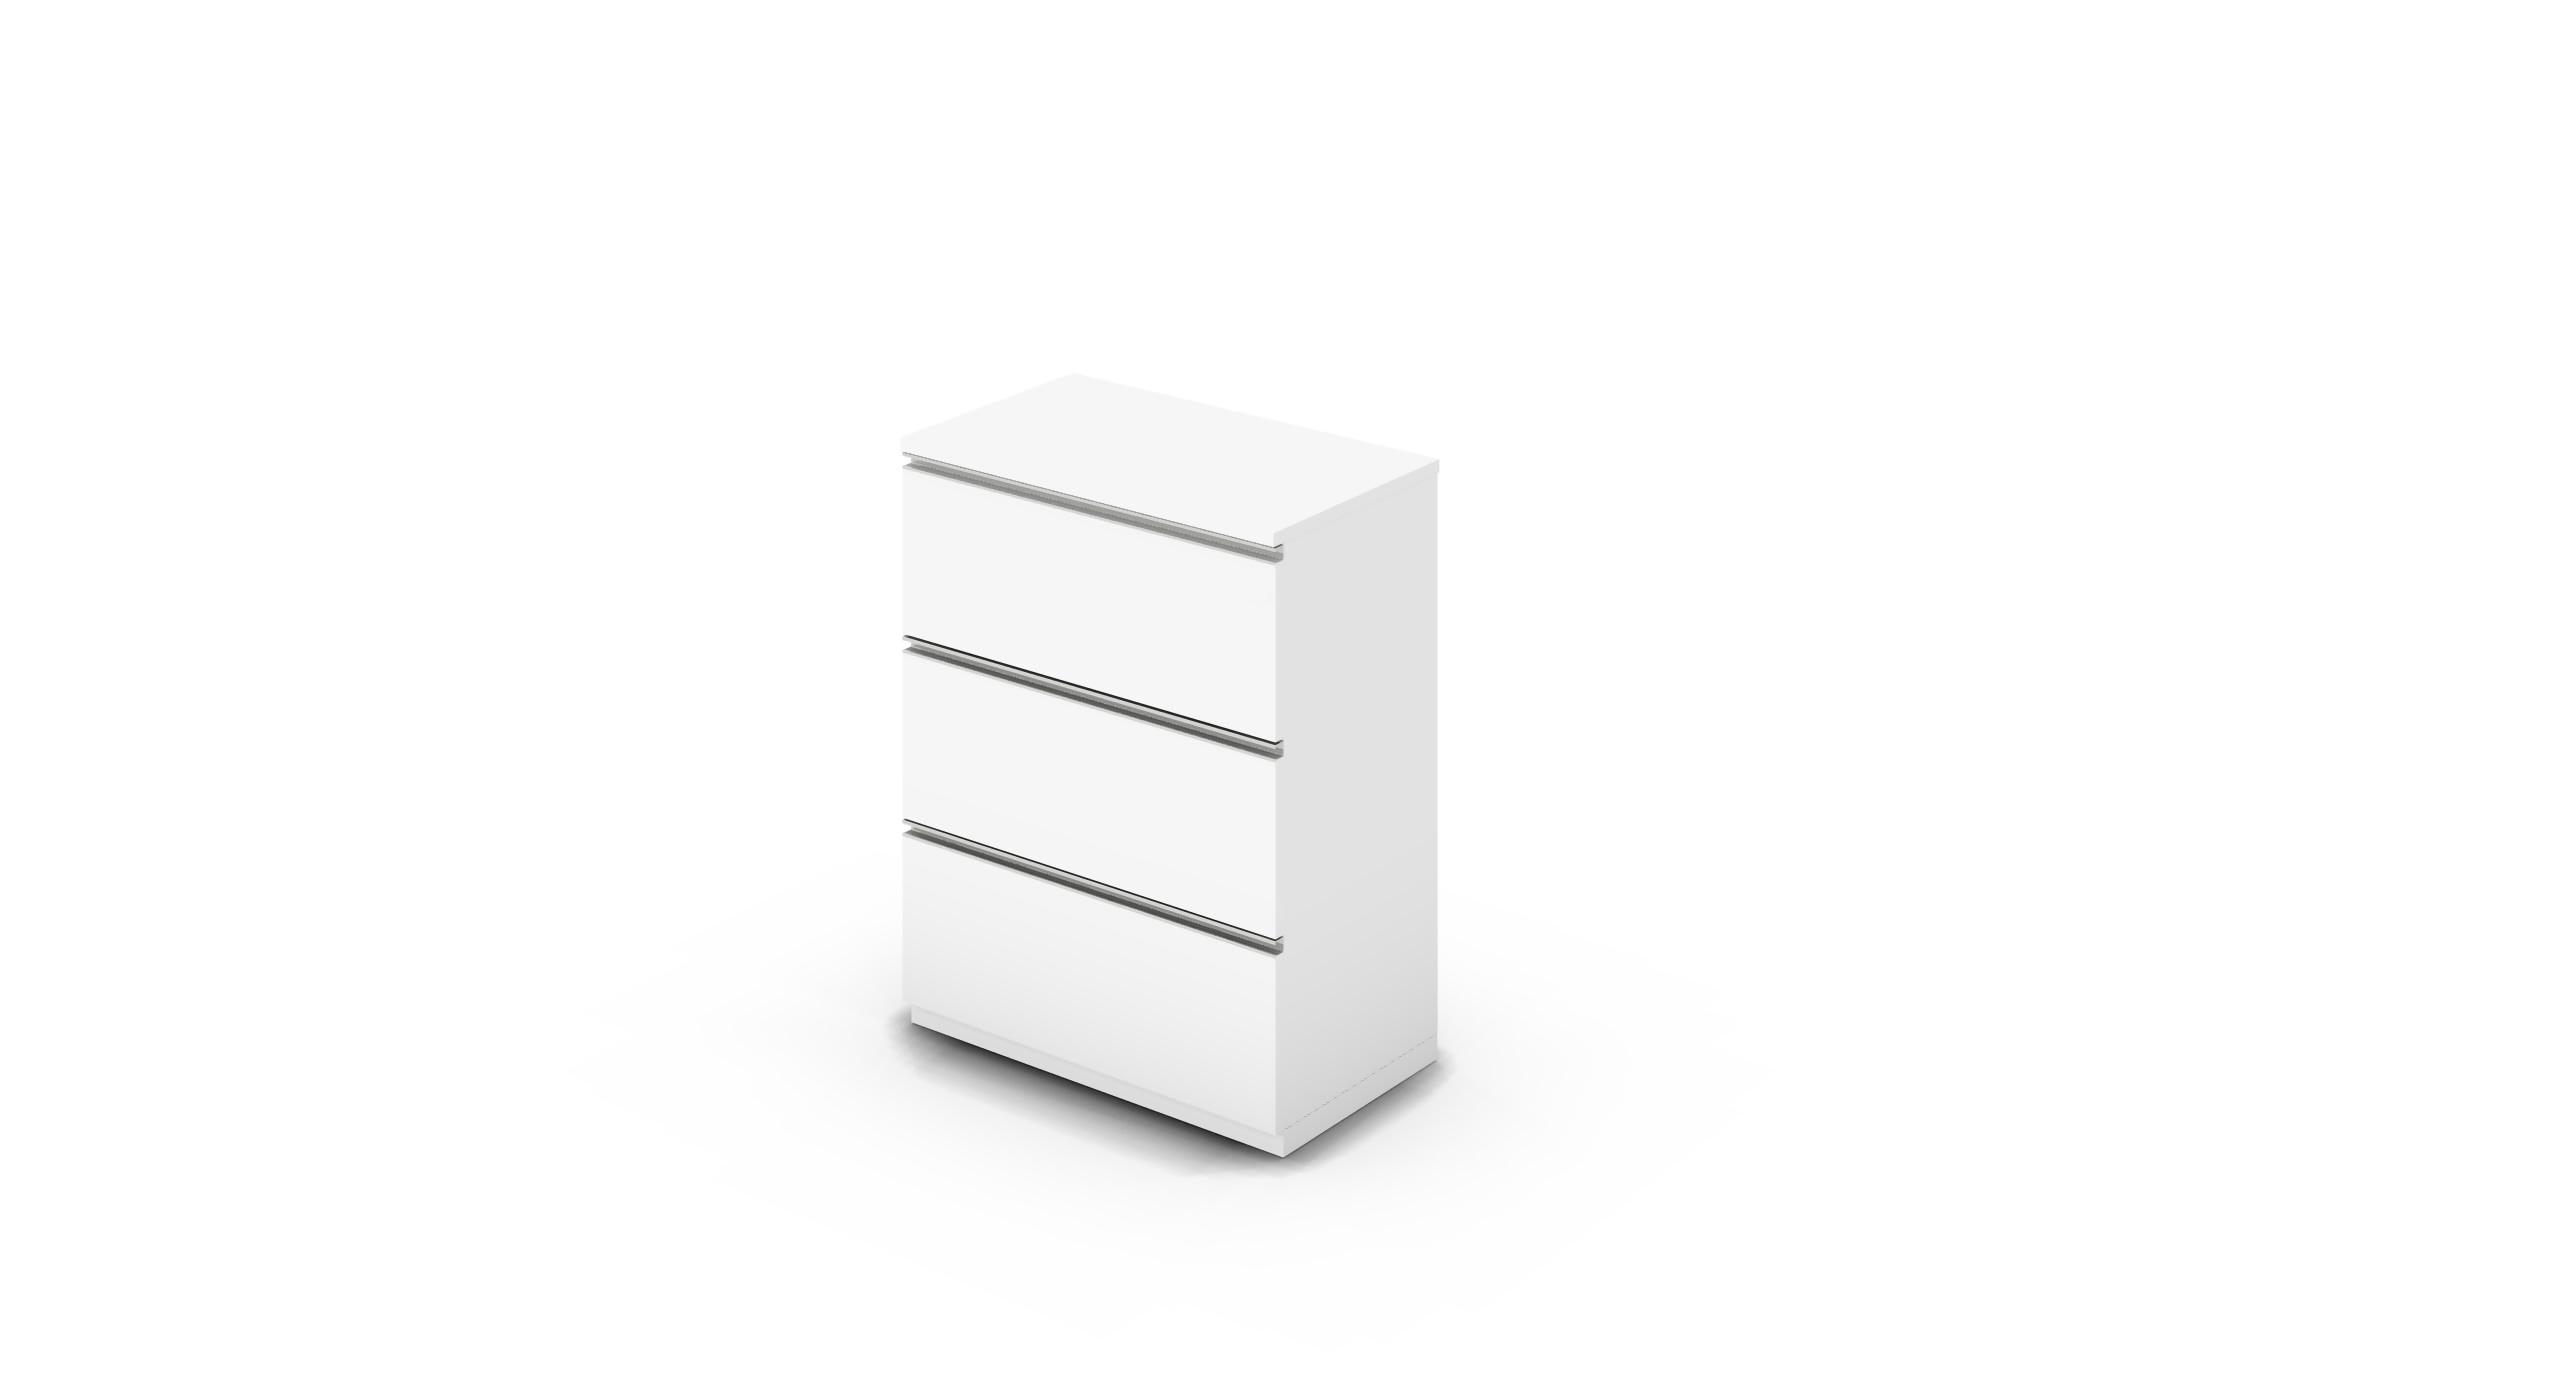 Cabinet_800x450x1125_DR_White_Rail_NoCylinder